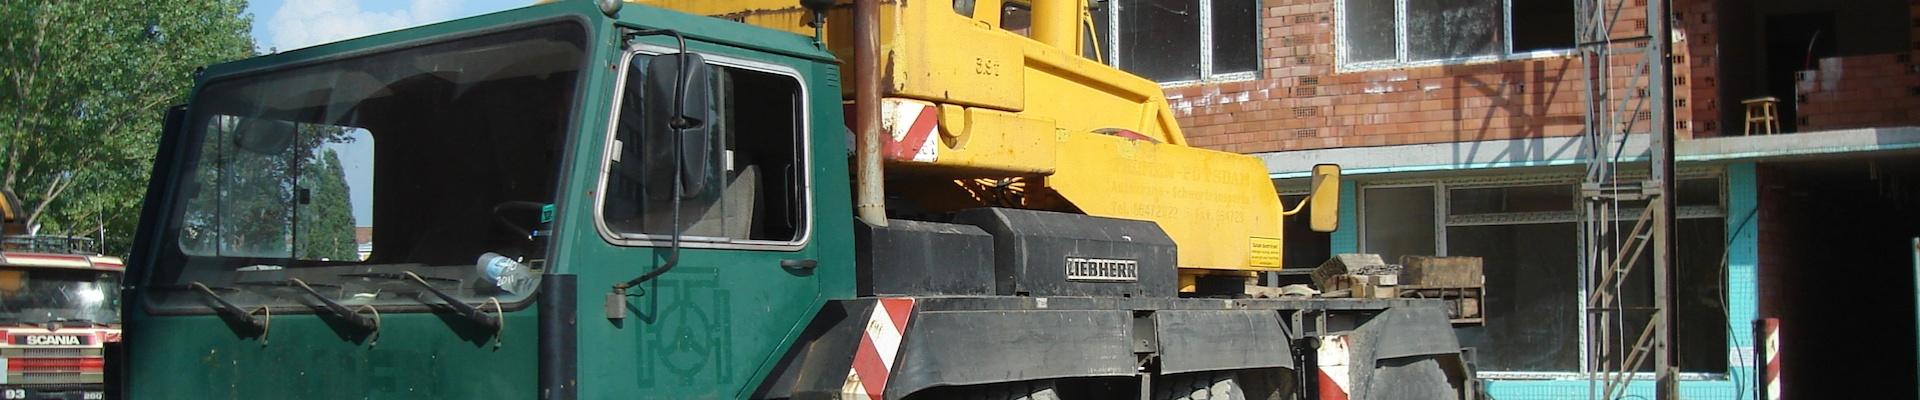 Автокран LIEBHERR модел LTM 1040-3 (снимка)